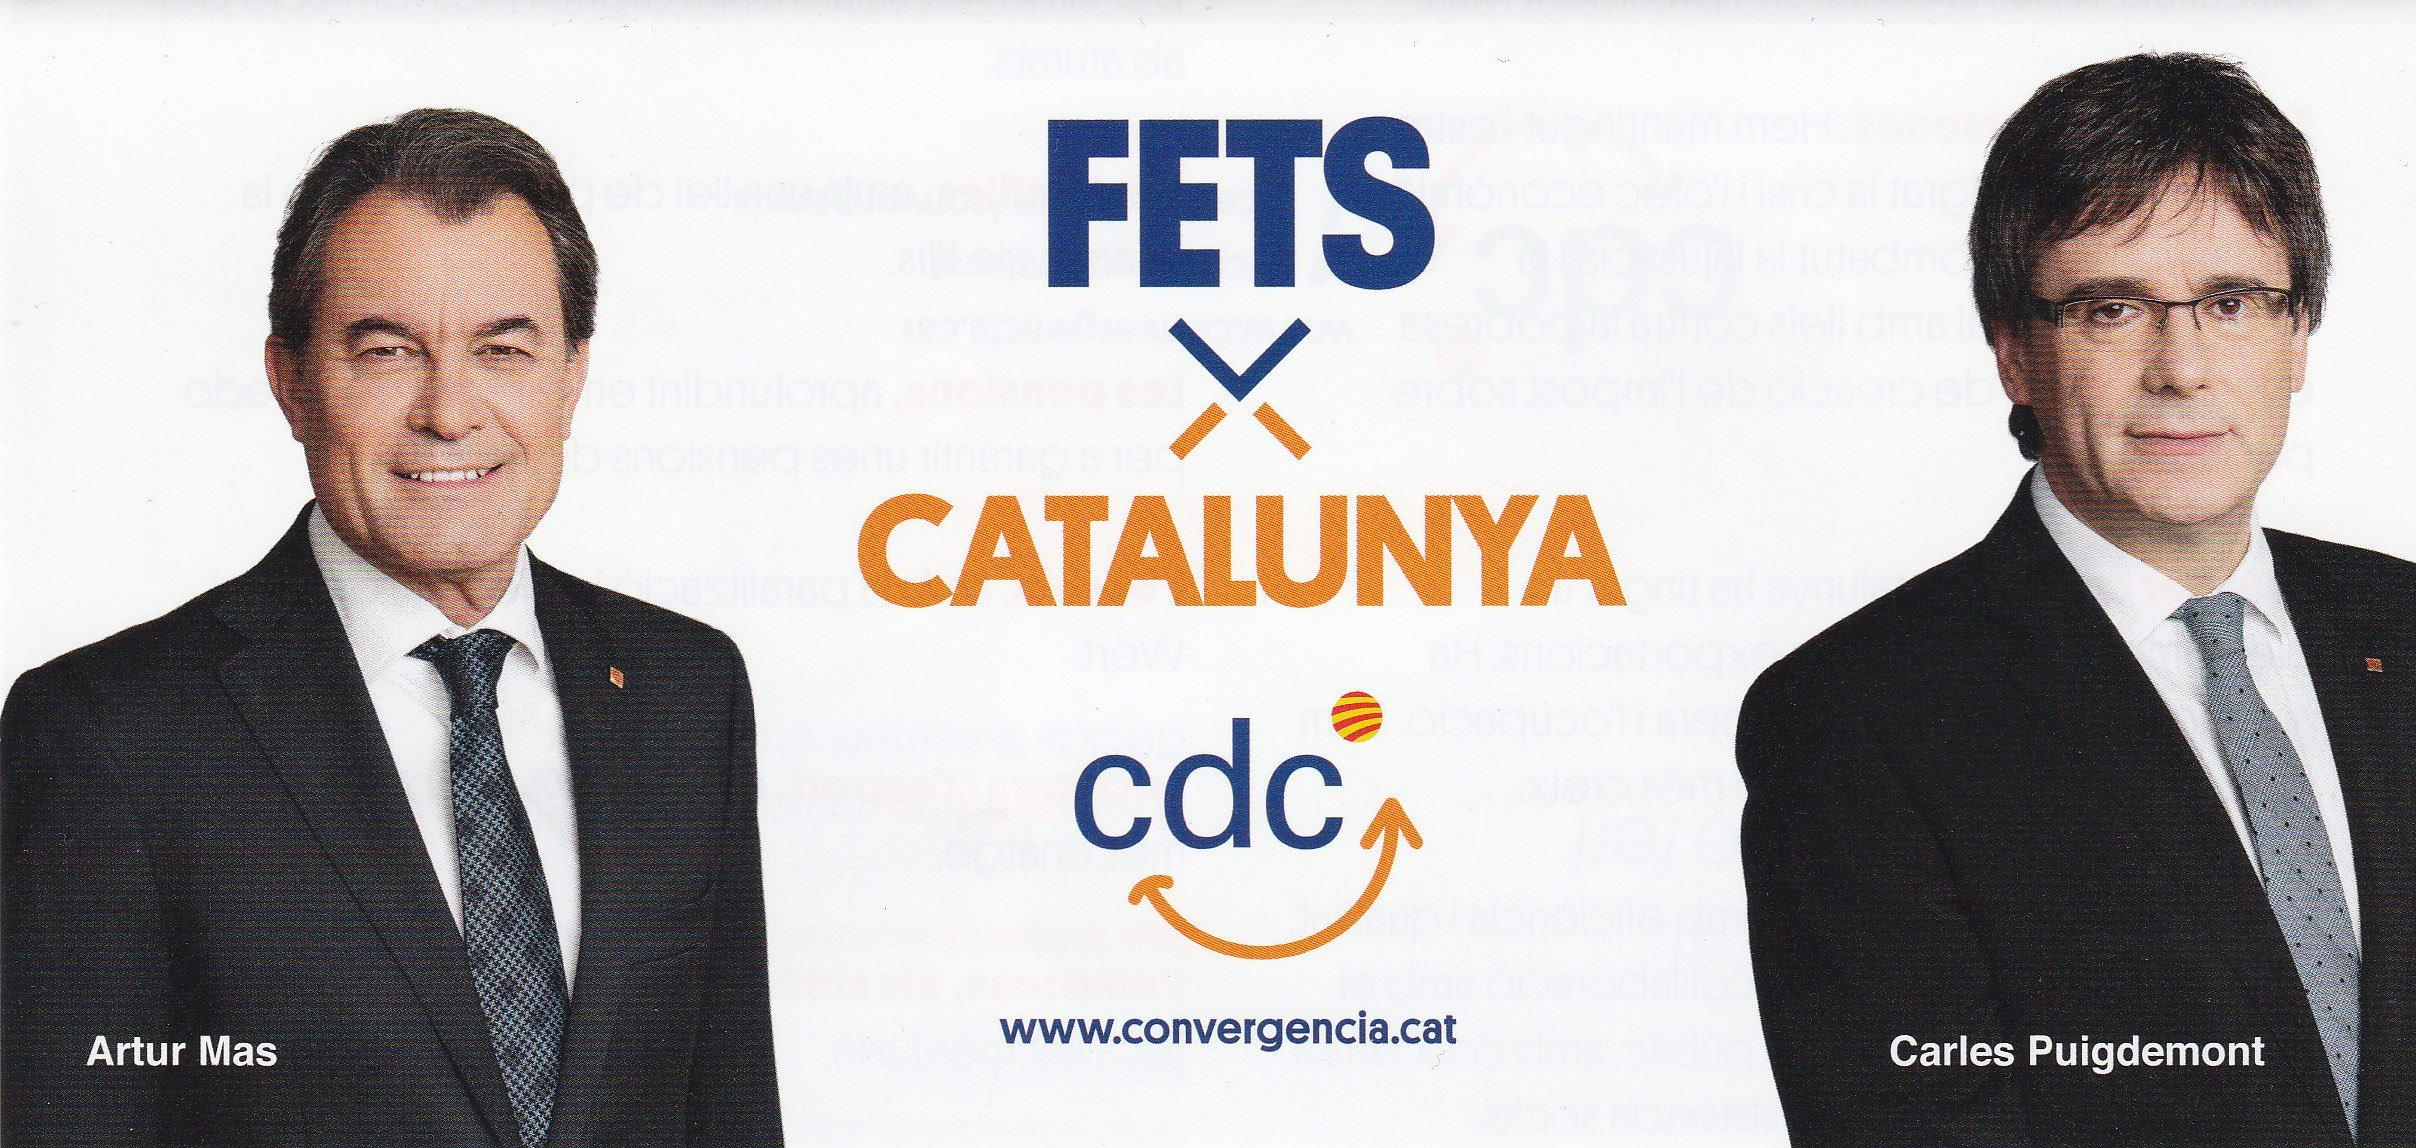 Cartell electoral de CDC, amb Artur Mas i Carles Puigdemont